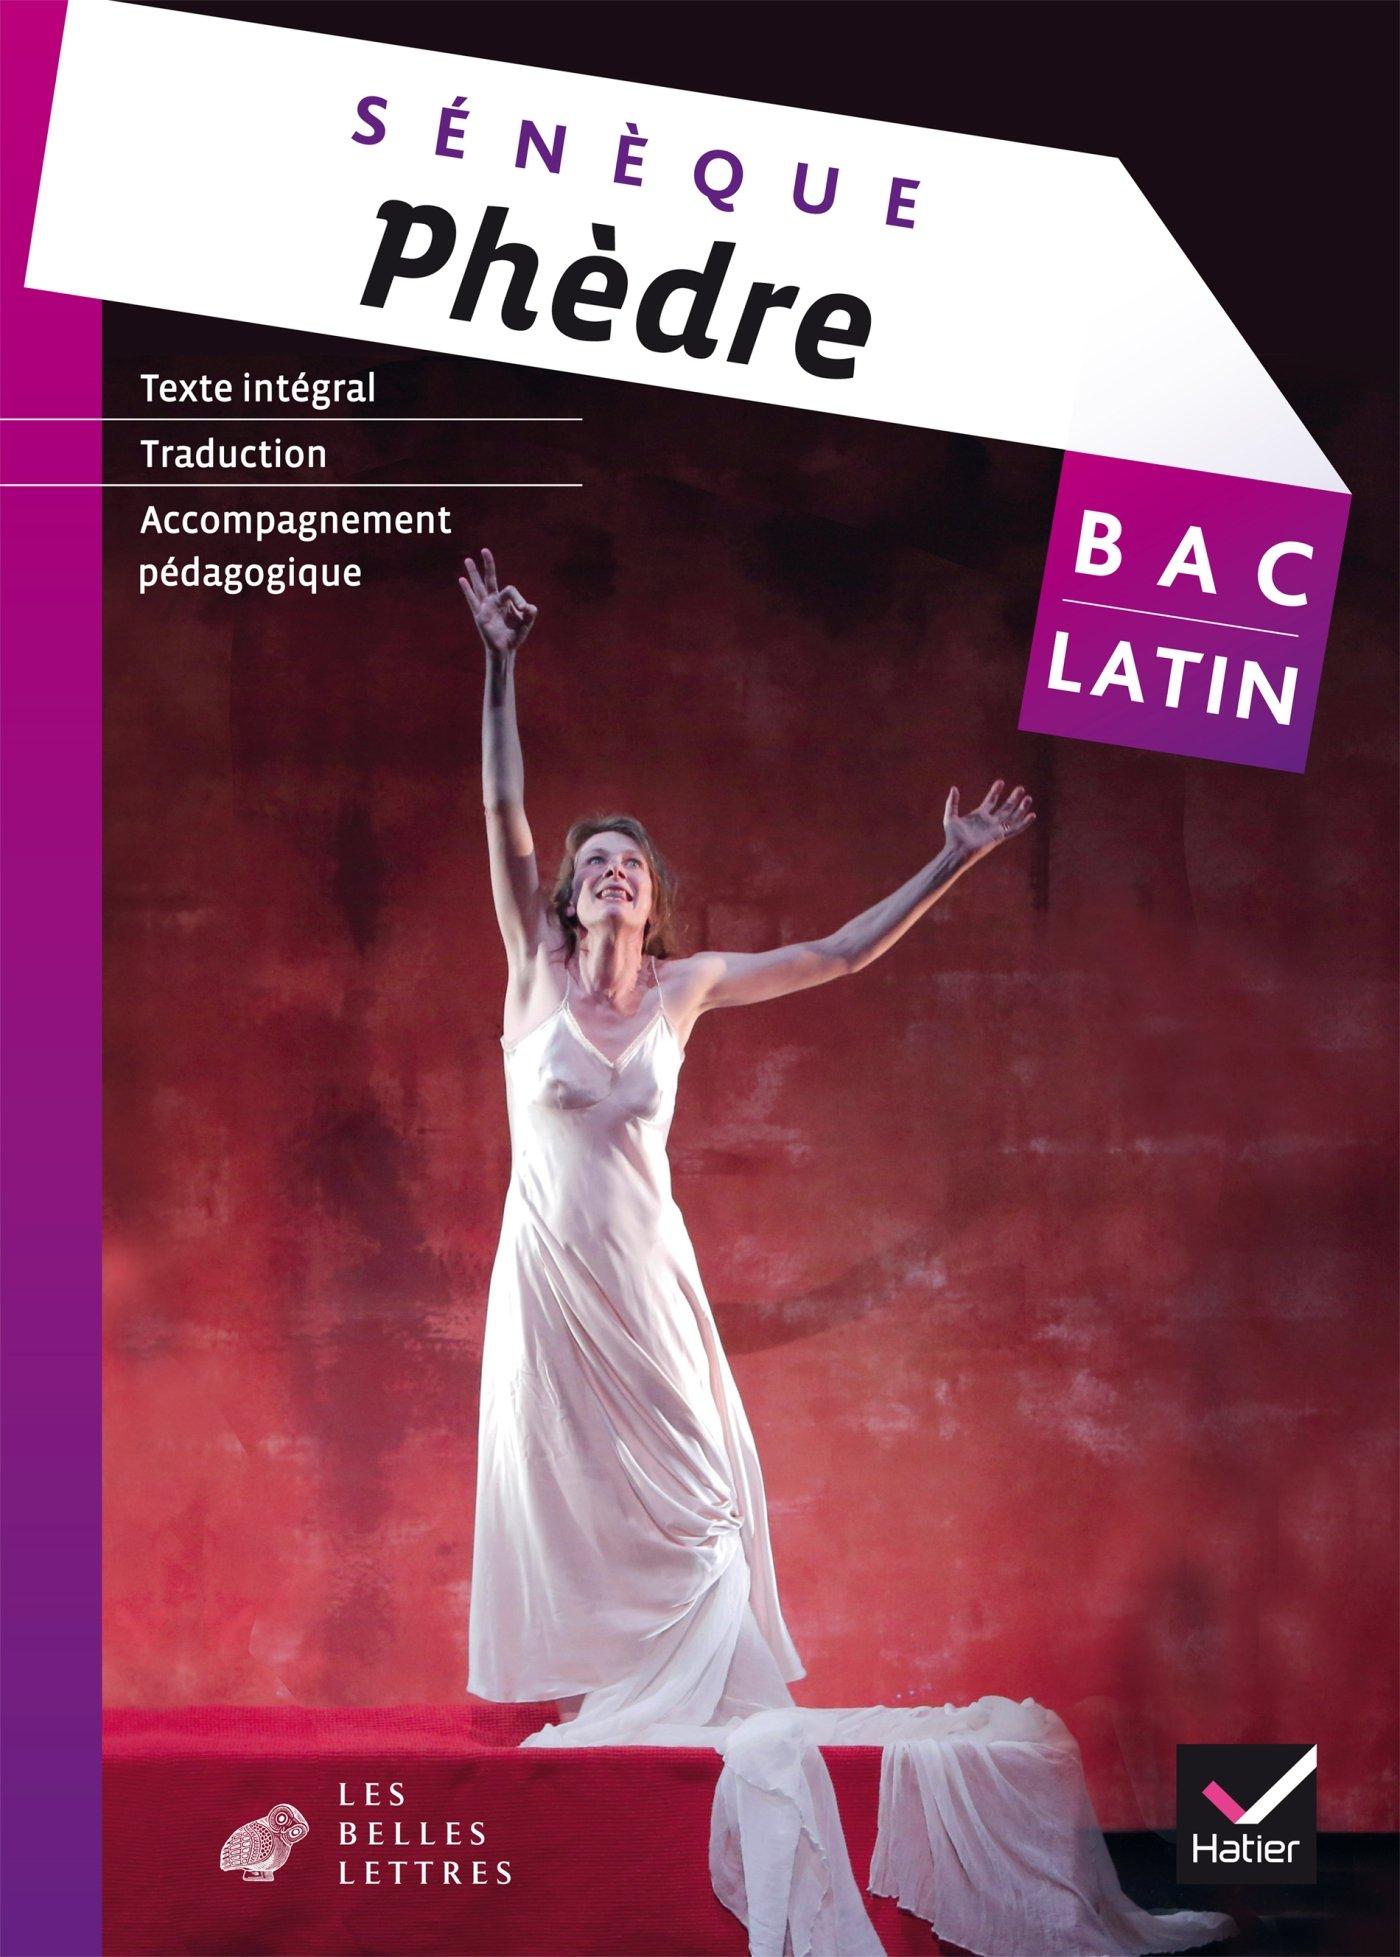 Oeuvre complète Latin Tle éd. 2015 Phèdre (Sénèque) - Livre de l'élève Broché – 9 septembre 2015 Aude Alizon Christine Tardiveau François-Régis Chaumartin Hatier